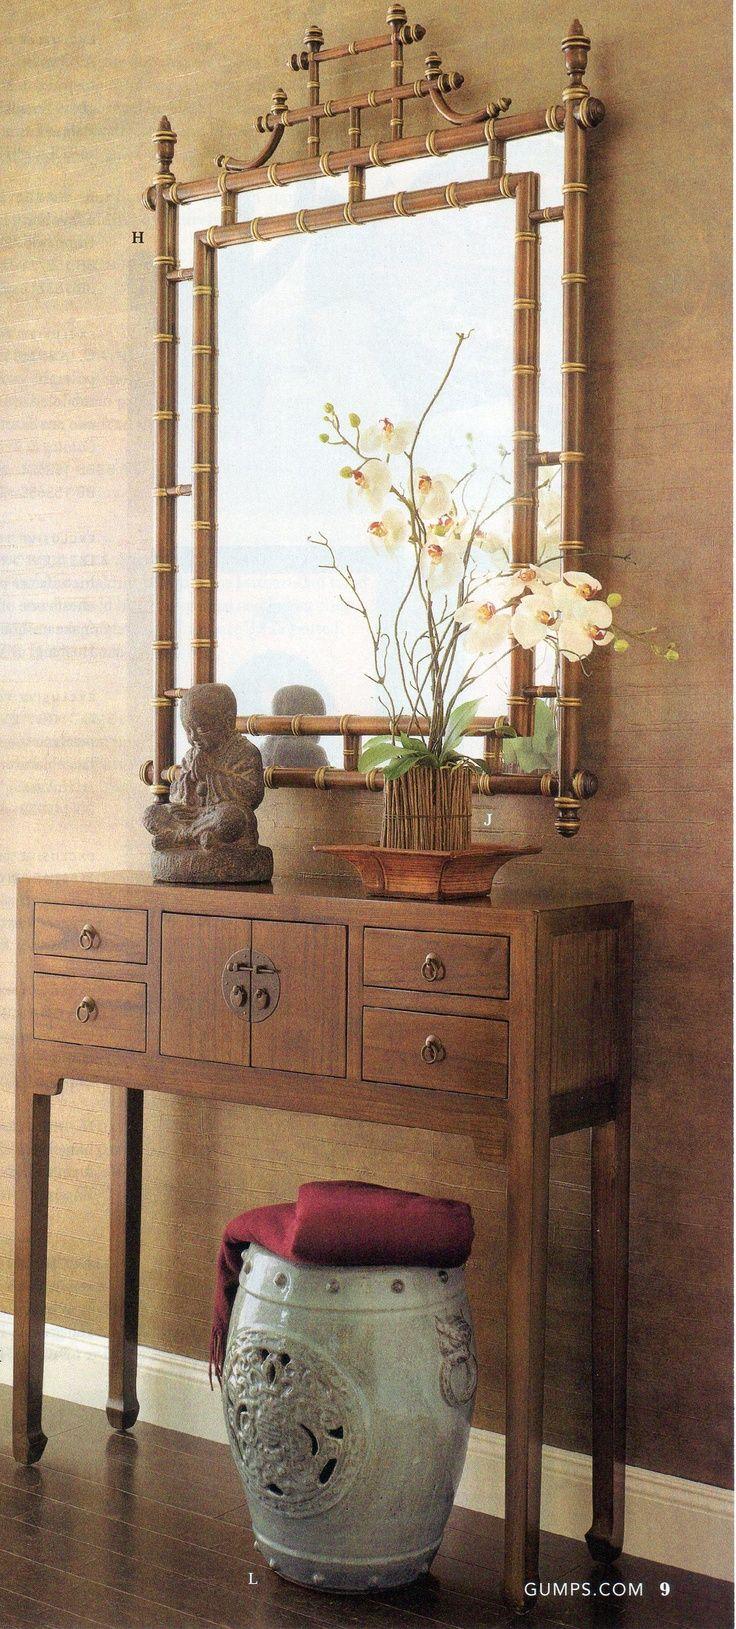 Armario A Medida Barato ~ Detalhes do Céu Buddha Decor aparador Pinterest Céu, Detalhes e Espelhos